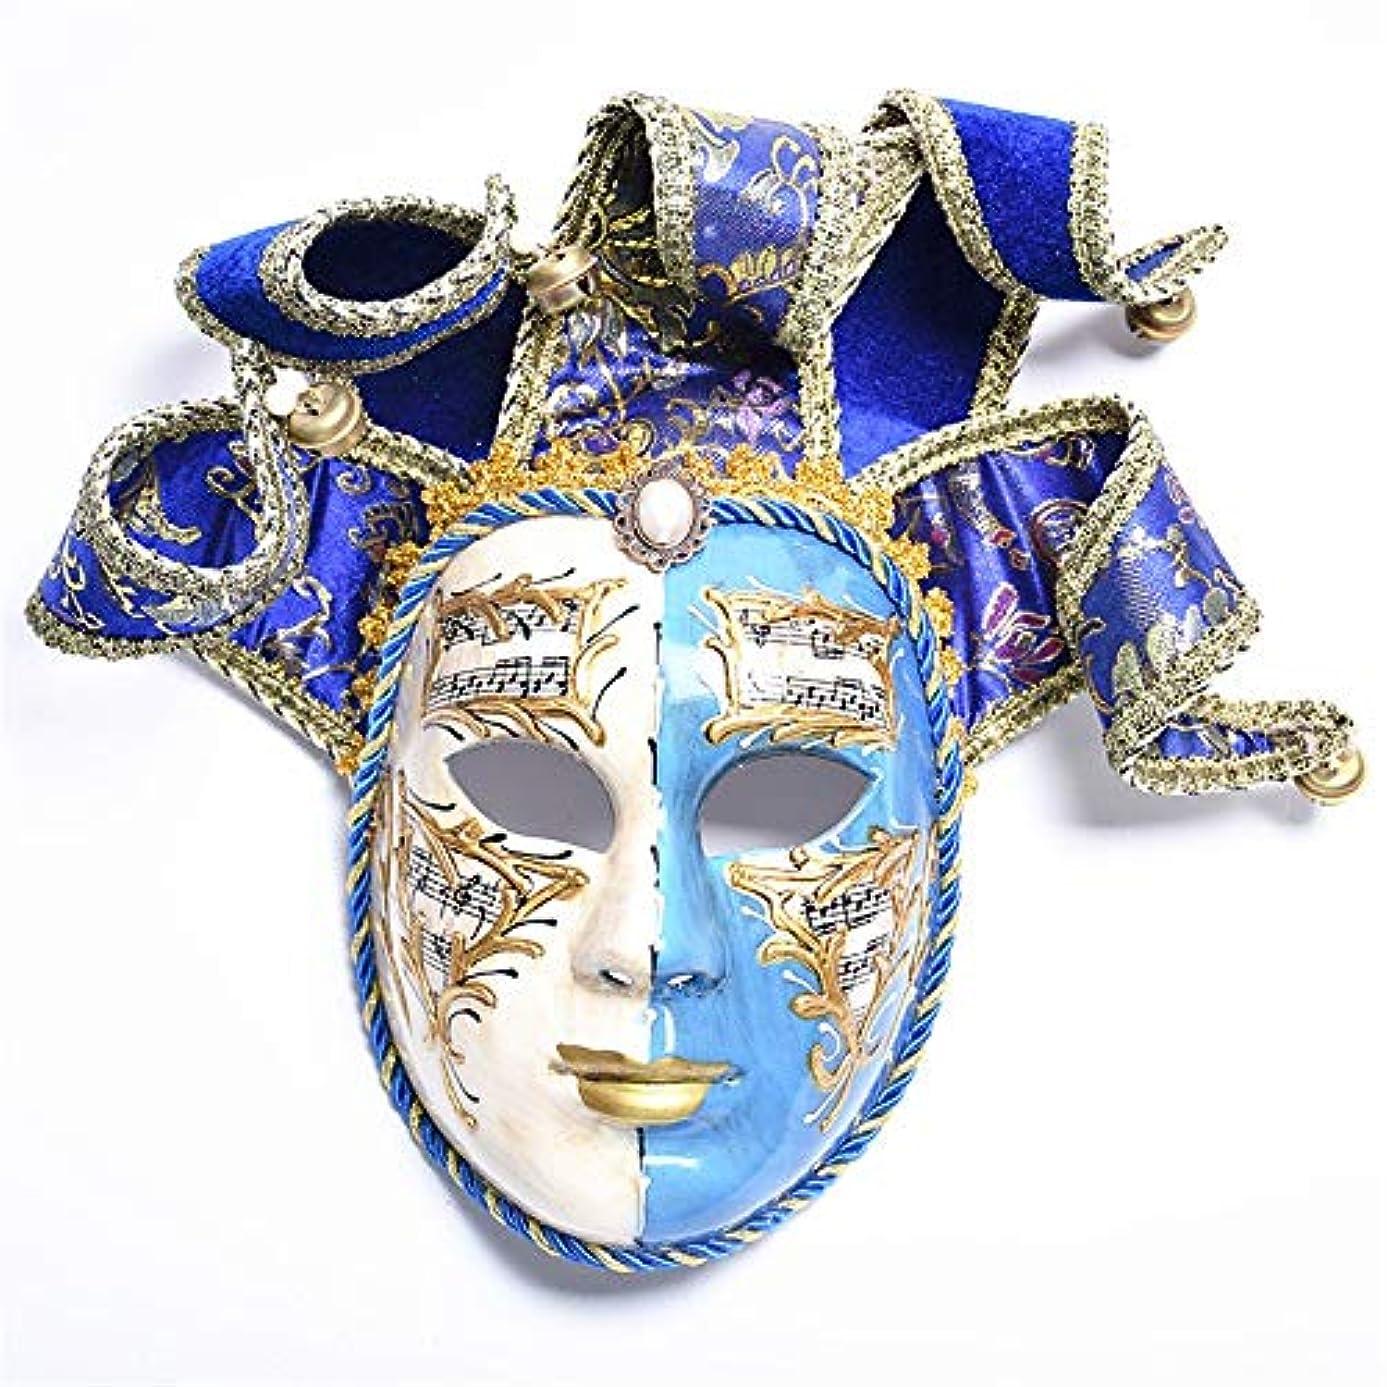 広範囲にフィラデルフィアベーコンダンスマスク 青と白の2色フルフェイスマスクパーティーマスカレードマスクハロウィーンカーニバル祭コスプレナイトクラブパーティーマスク ホリデーパーティー用品 (色 : 青, サイズ : 33x31cm)